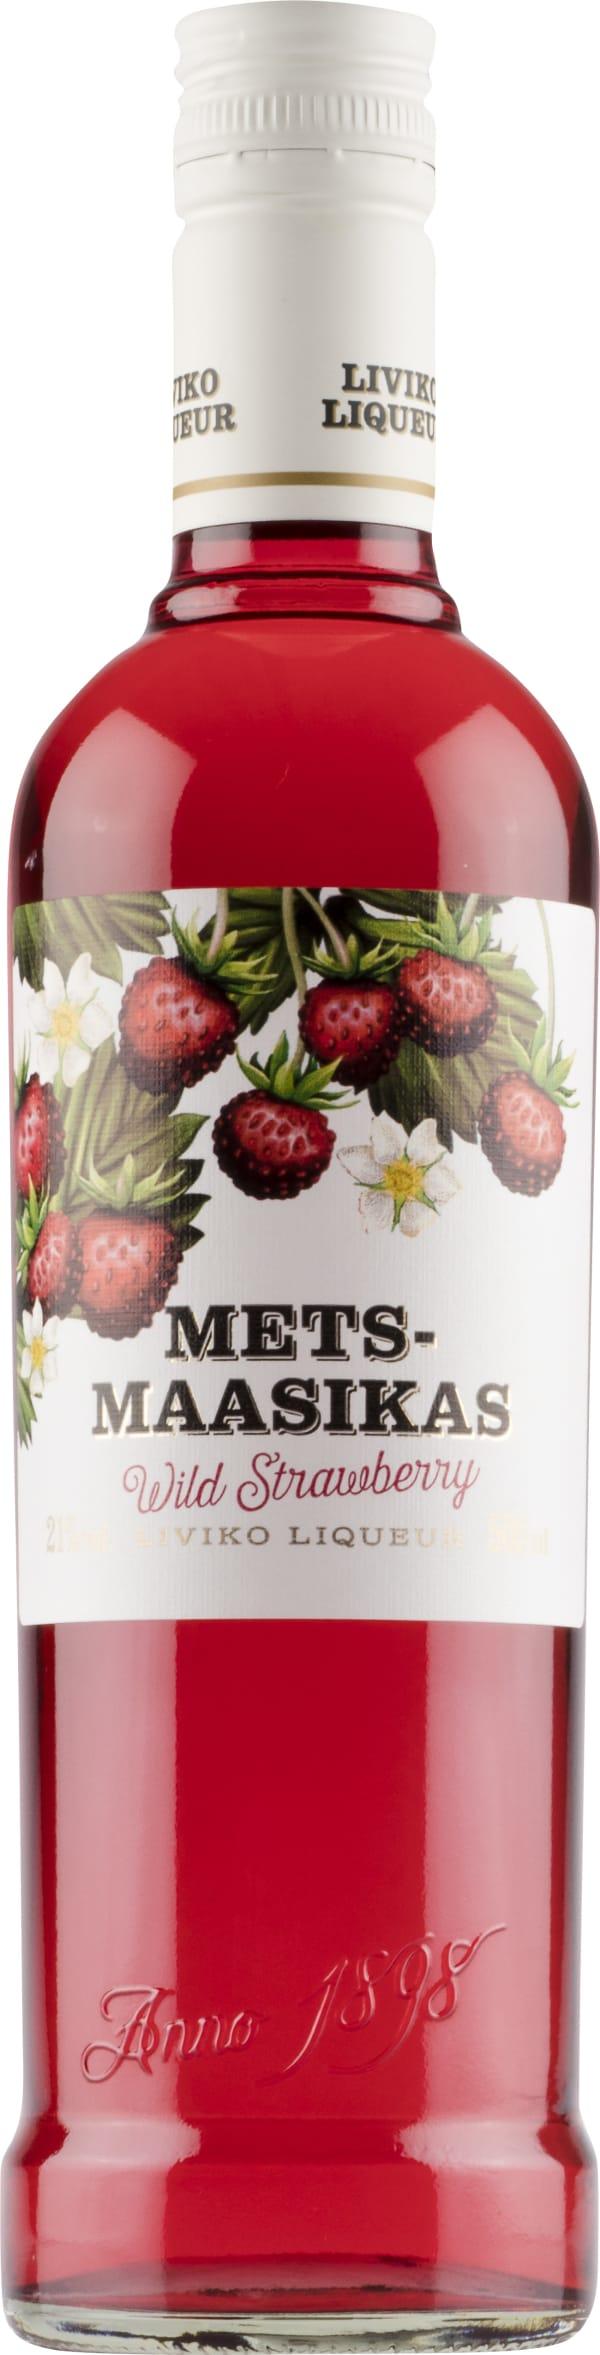 Liviko Metsmaasikas Wild Strawberry